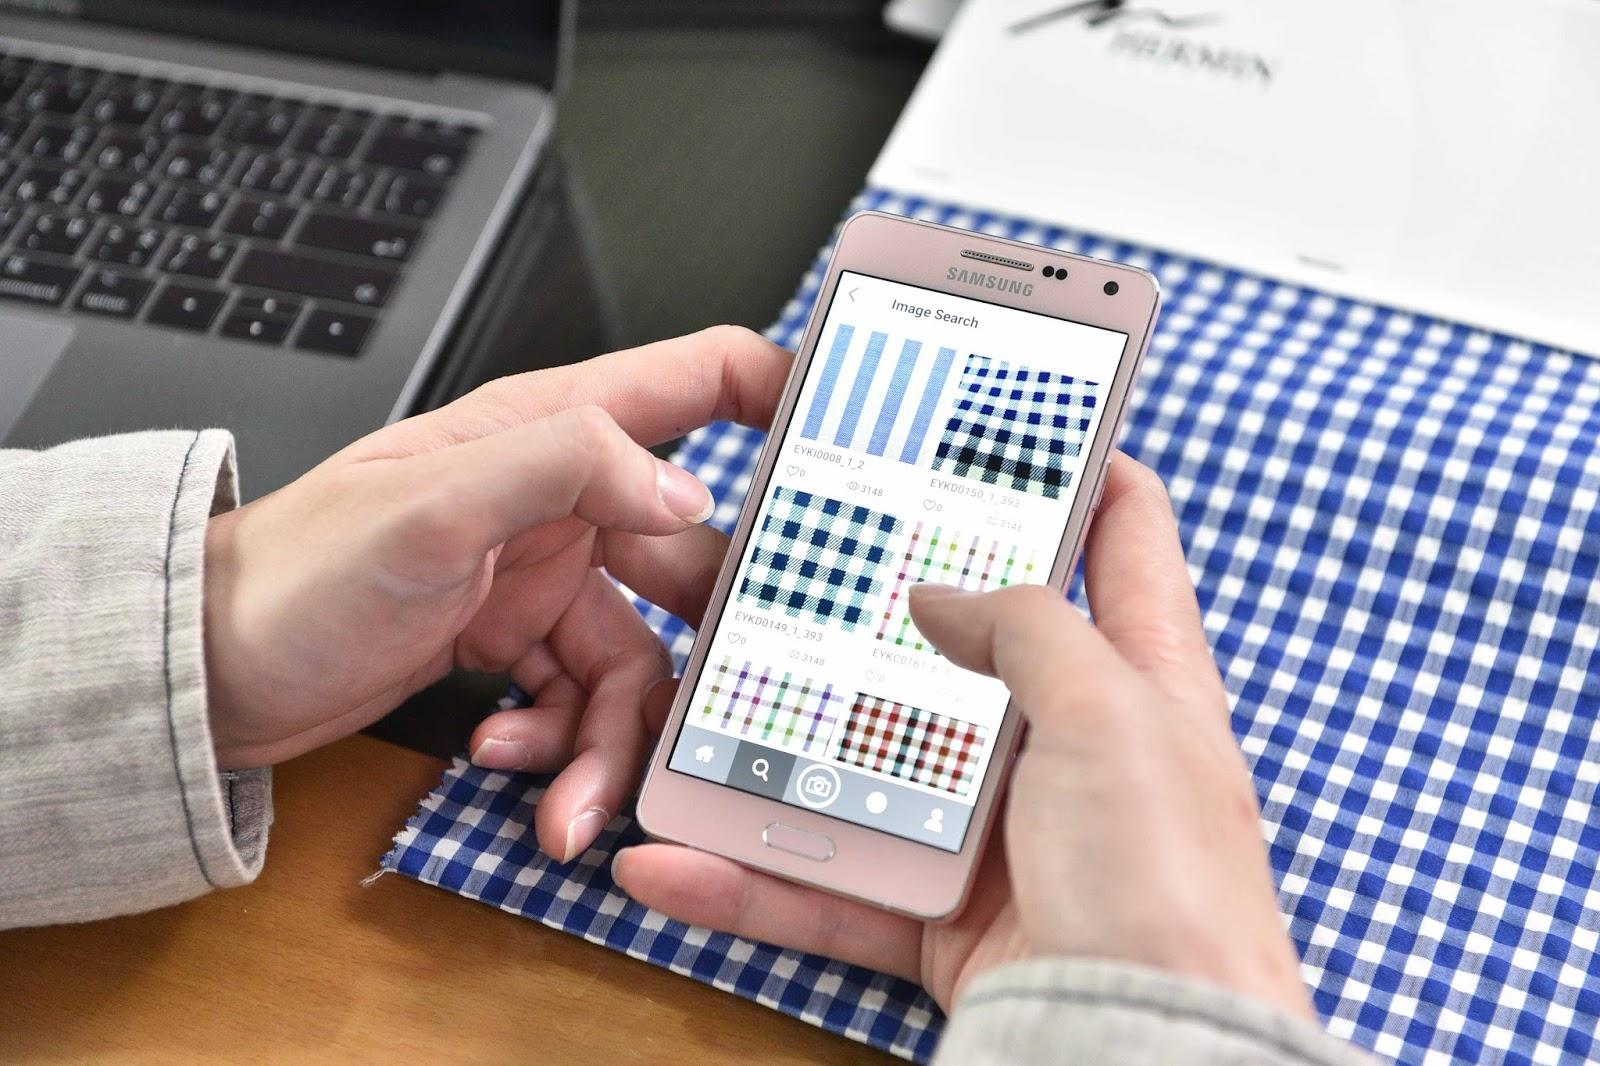 傳產導入 AI ,CLOUDMILE 協助和明紡織布料辨識,加速生產效率